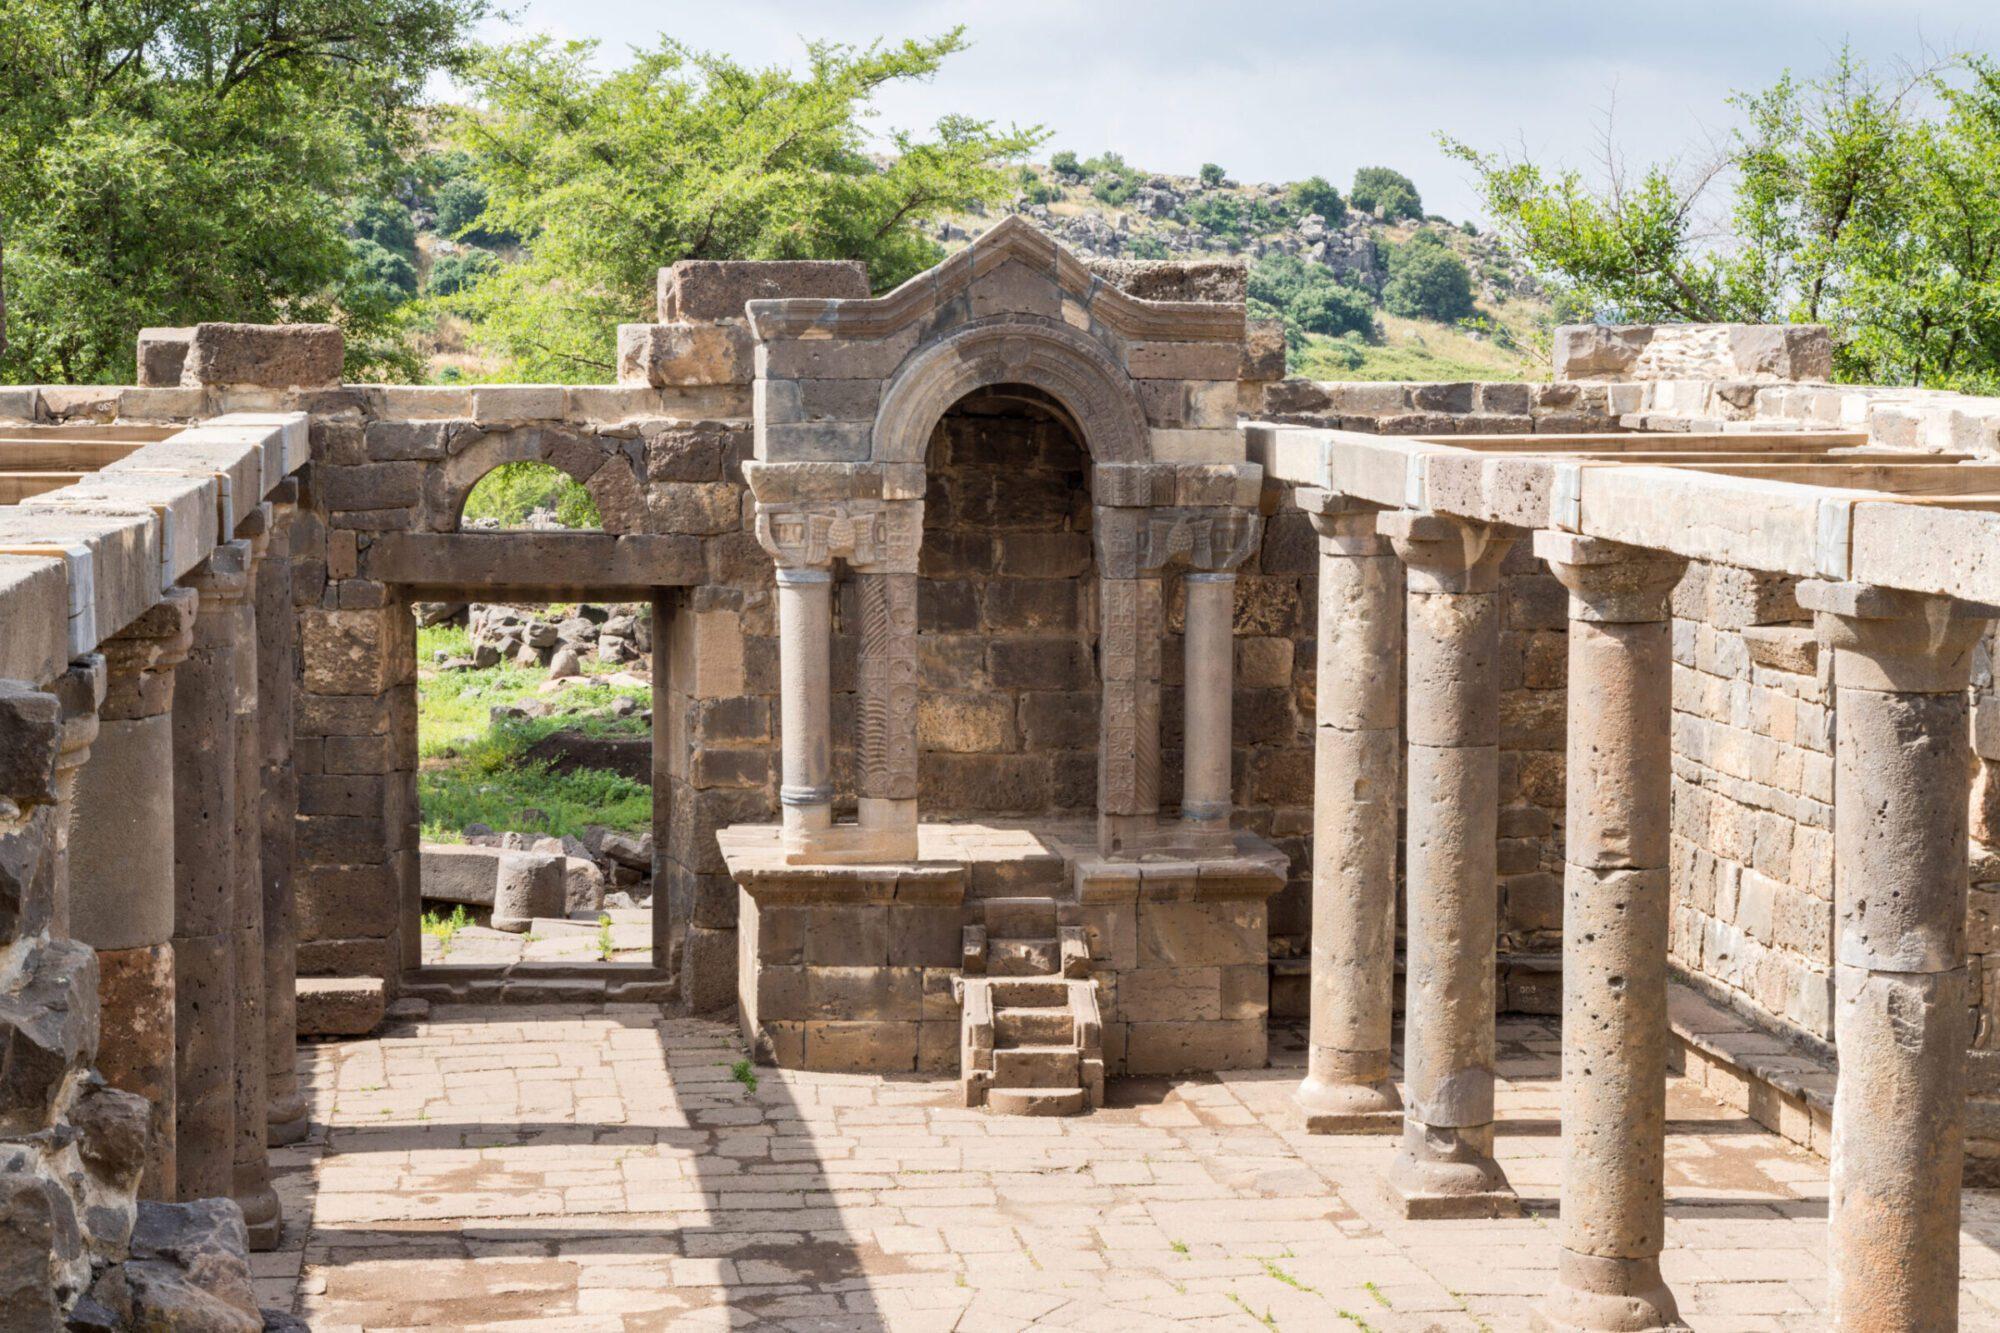 Israel Archaeological One Day Tours - Umm el-Qanatir